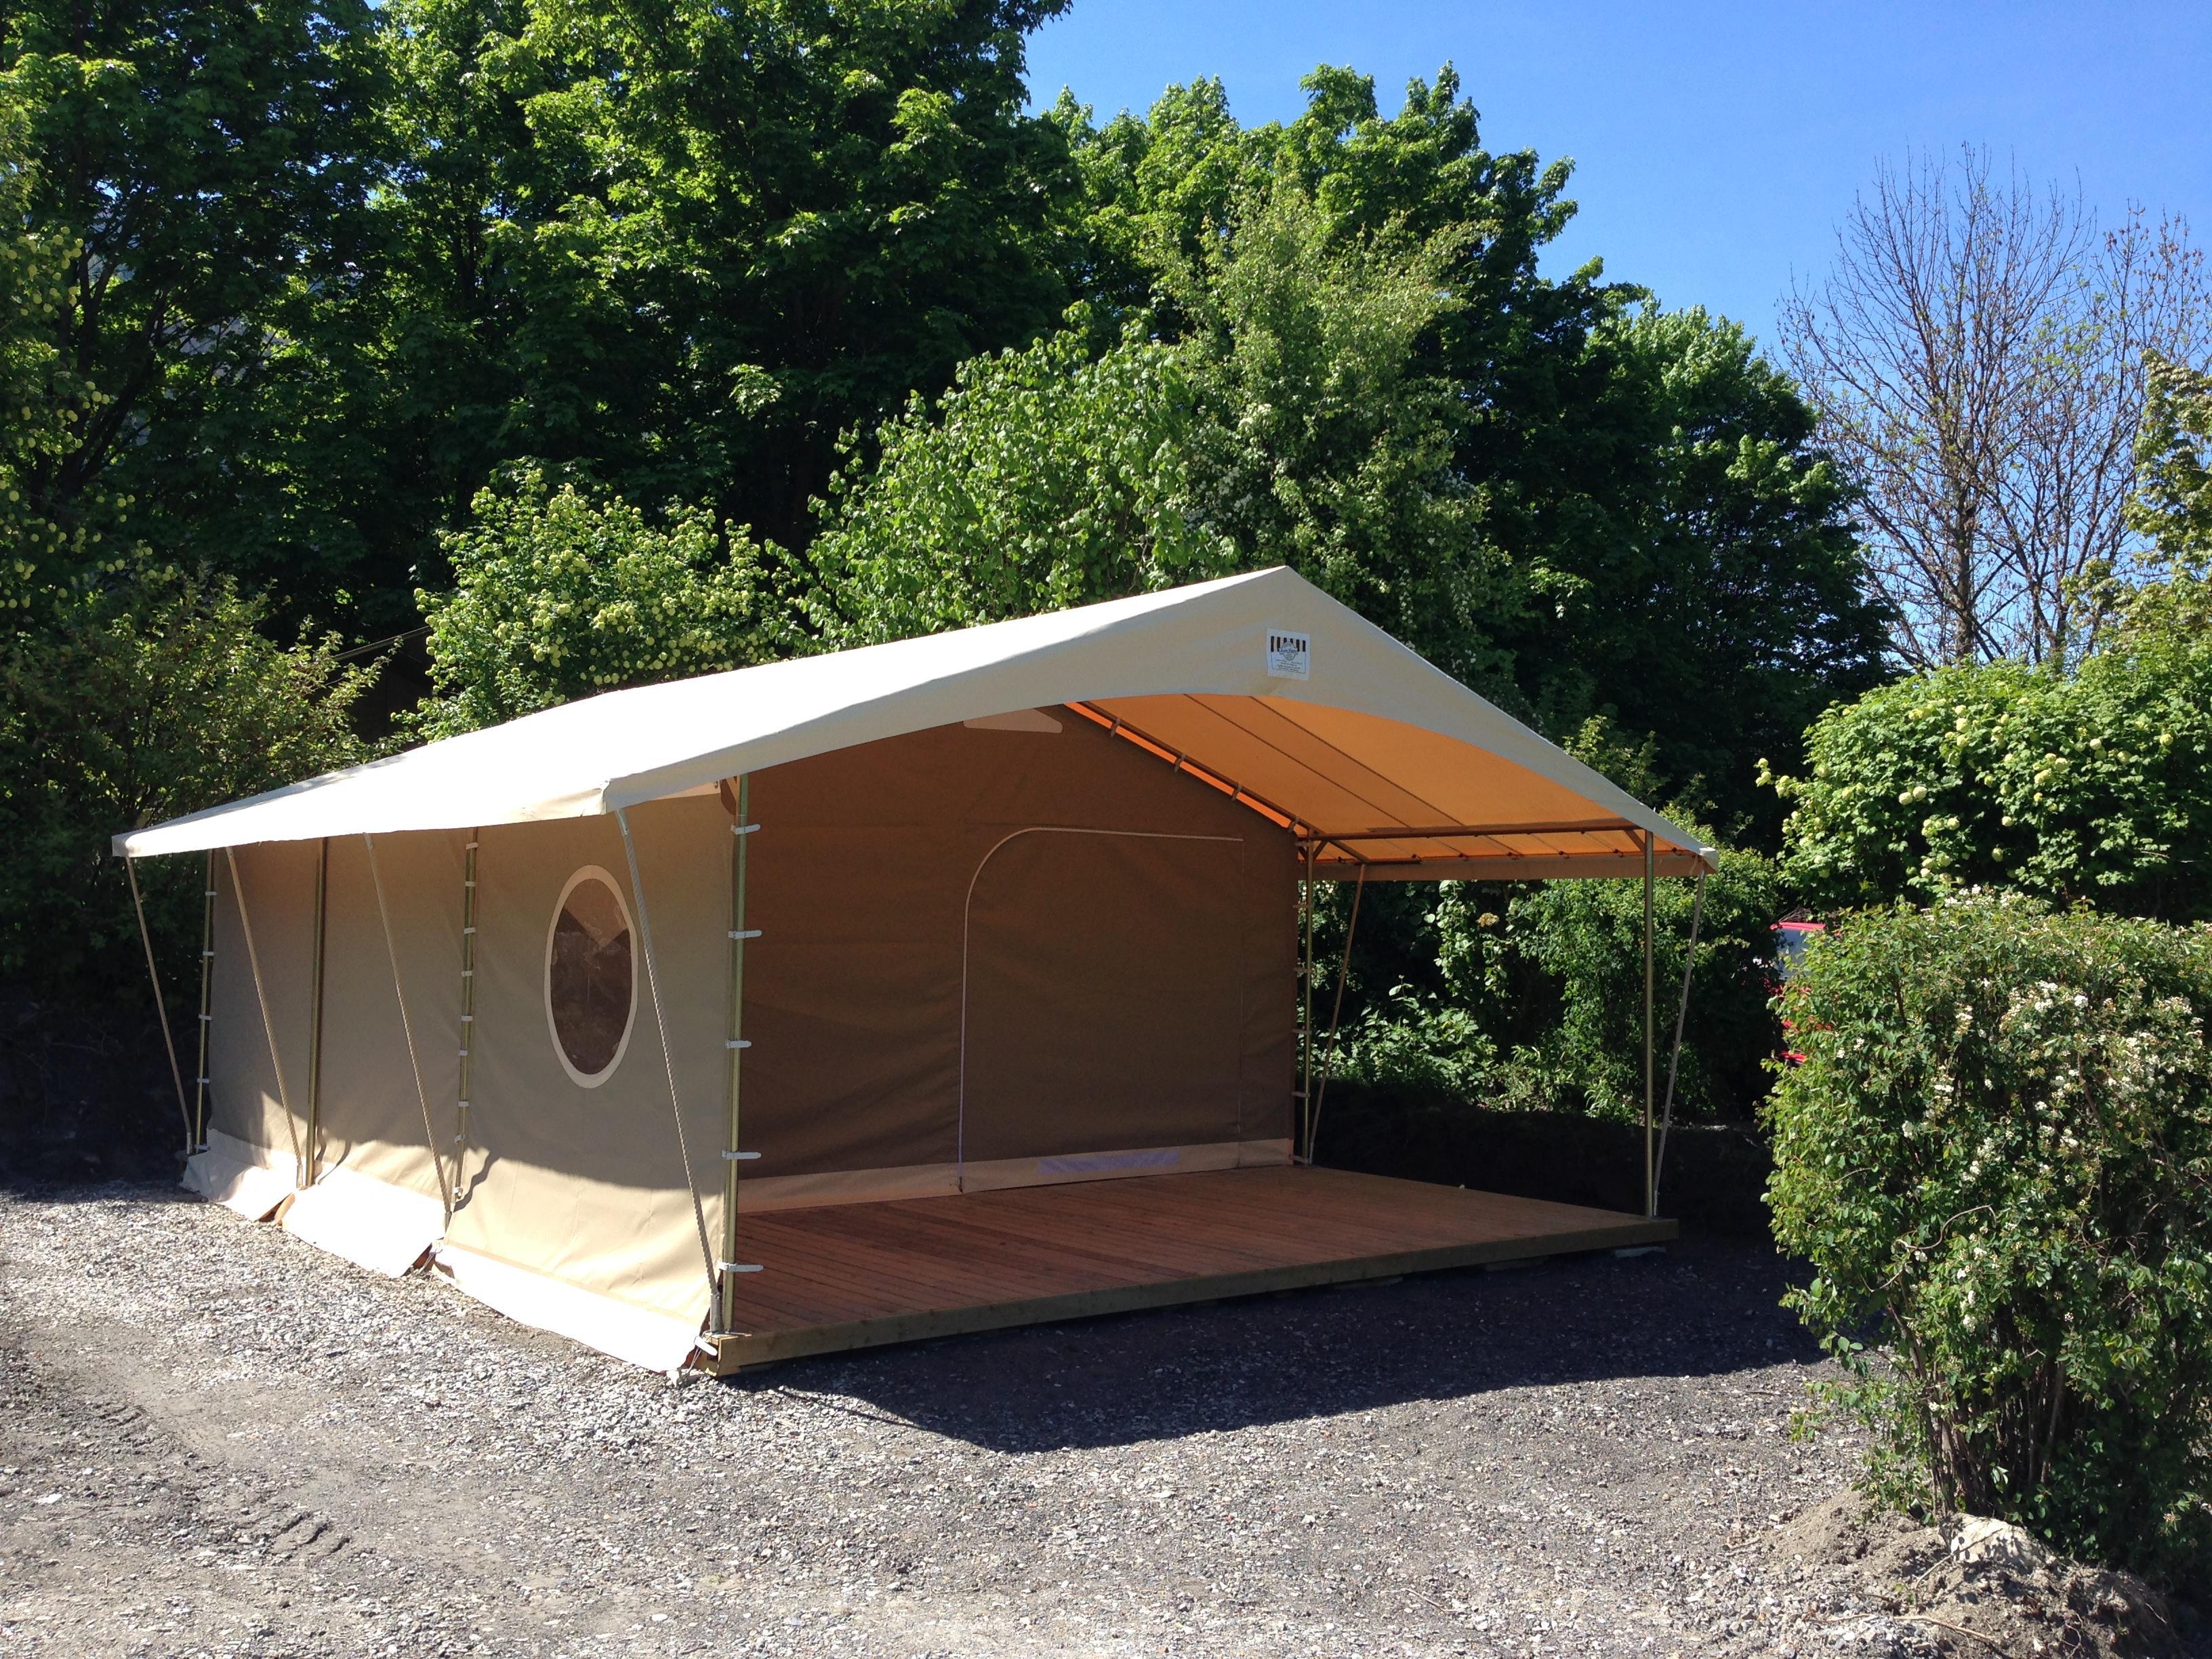 Location - Bungalow Toilé Canada (2 Chambres, Maximum 5 Personnes) - Camping L'Eden de la Vanoise